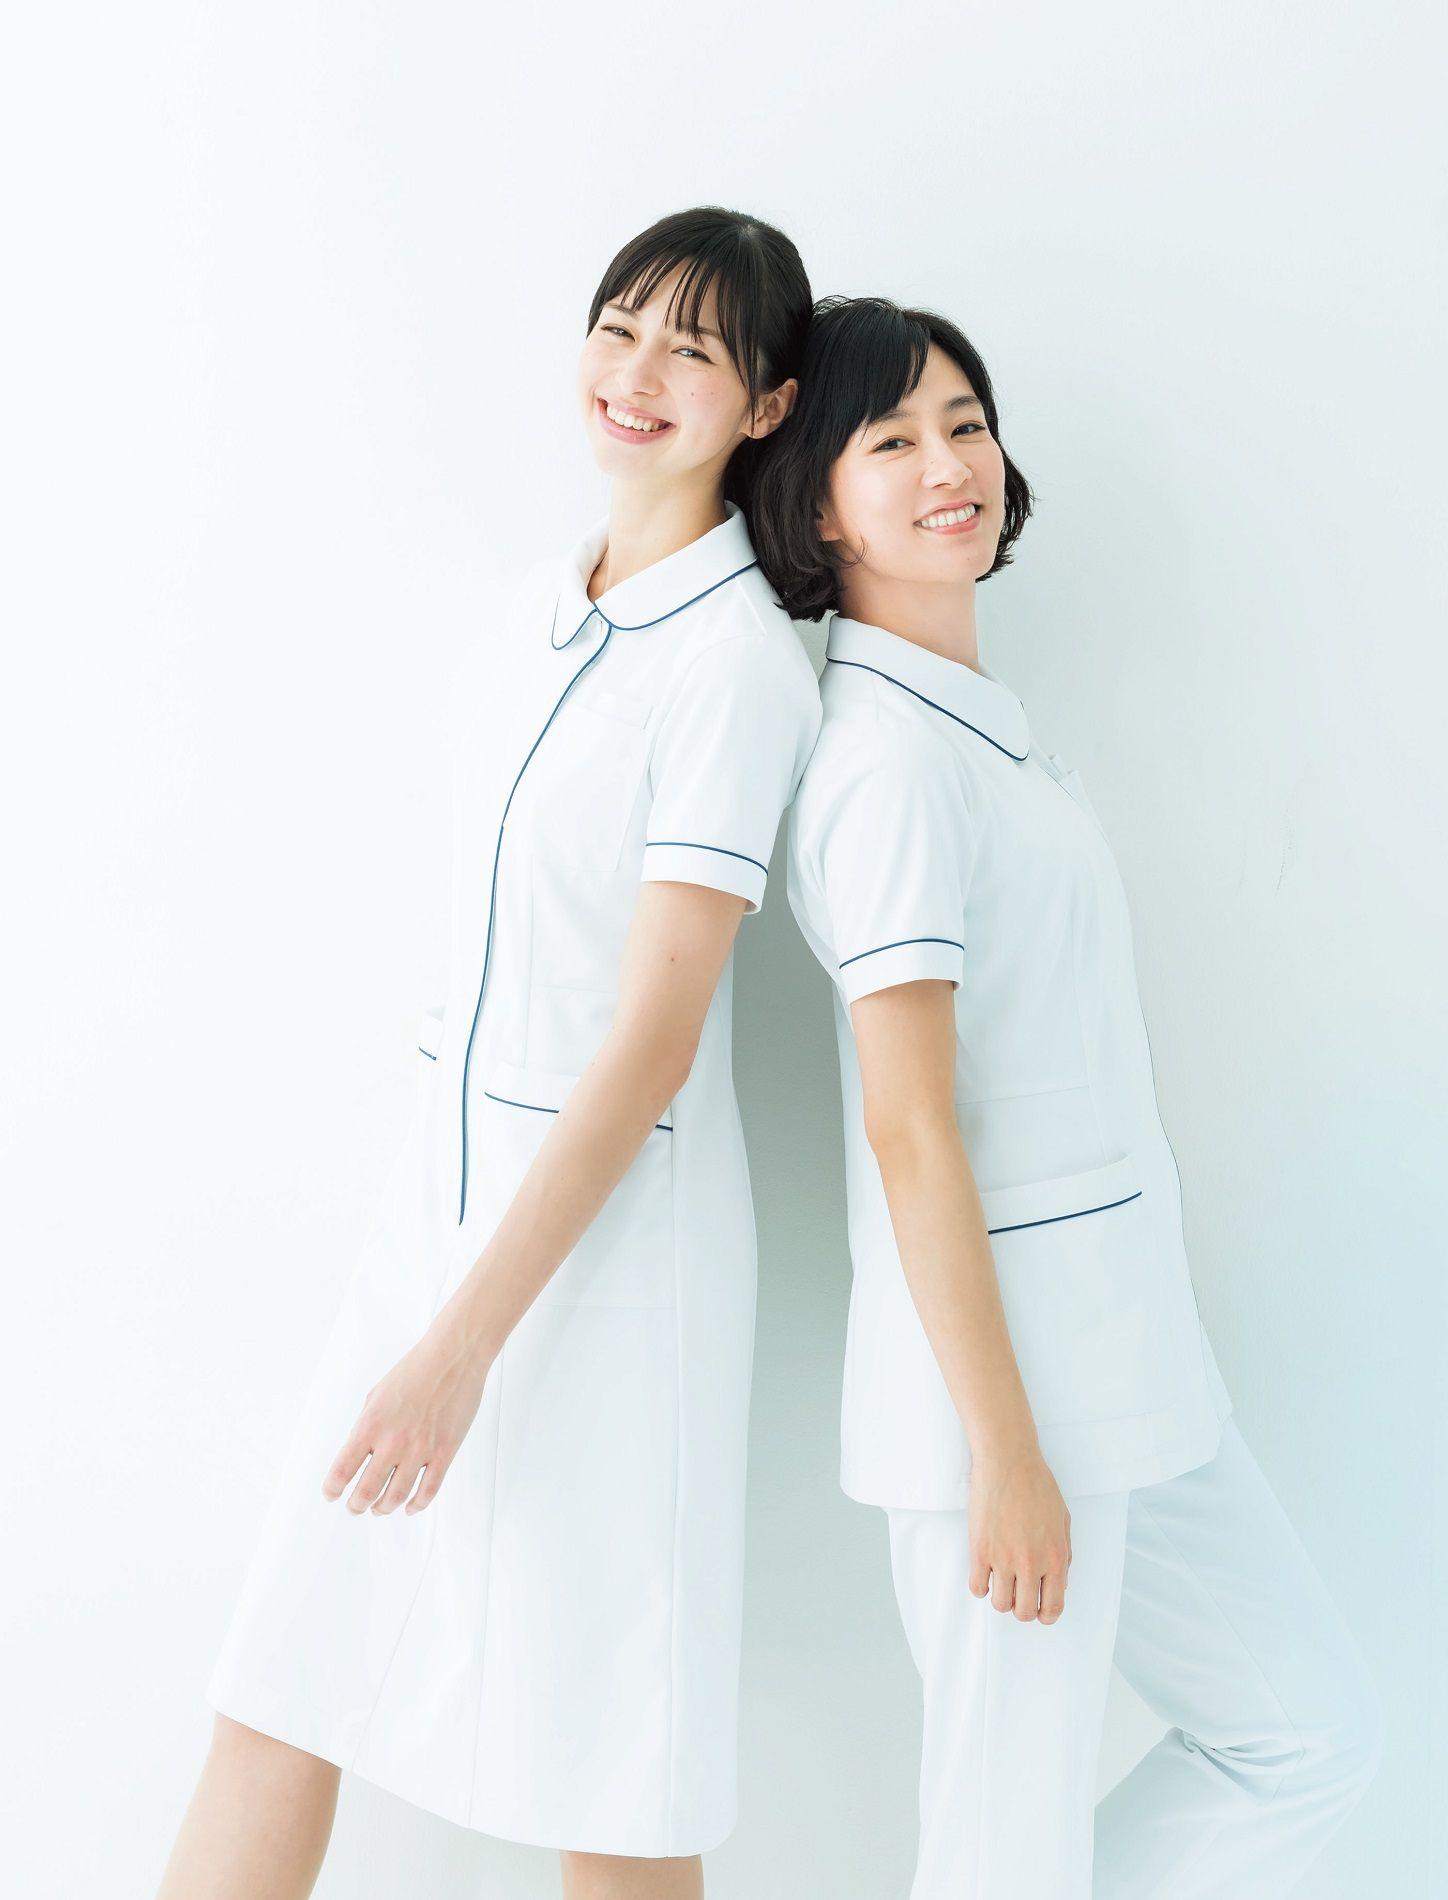 中条あやみ ドラマ